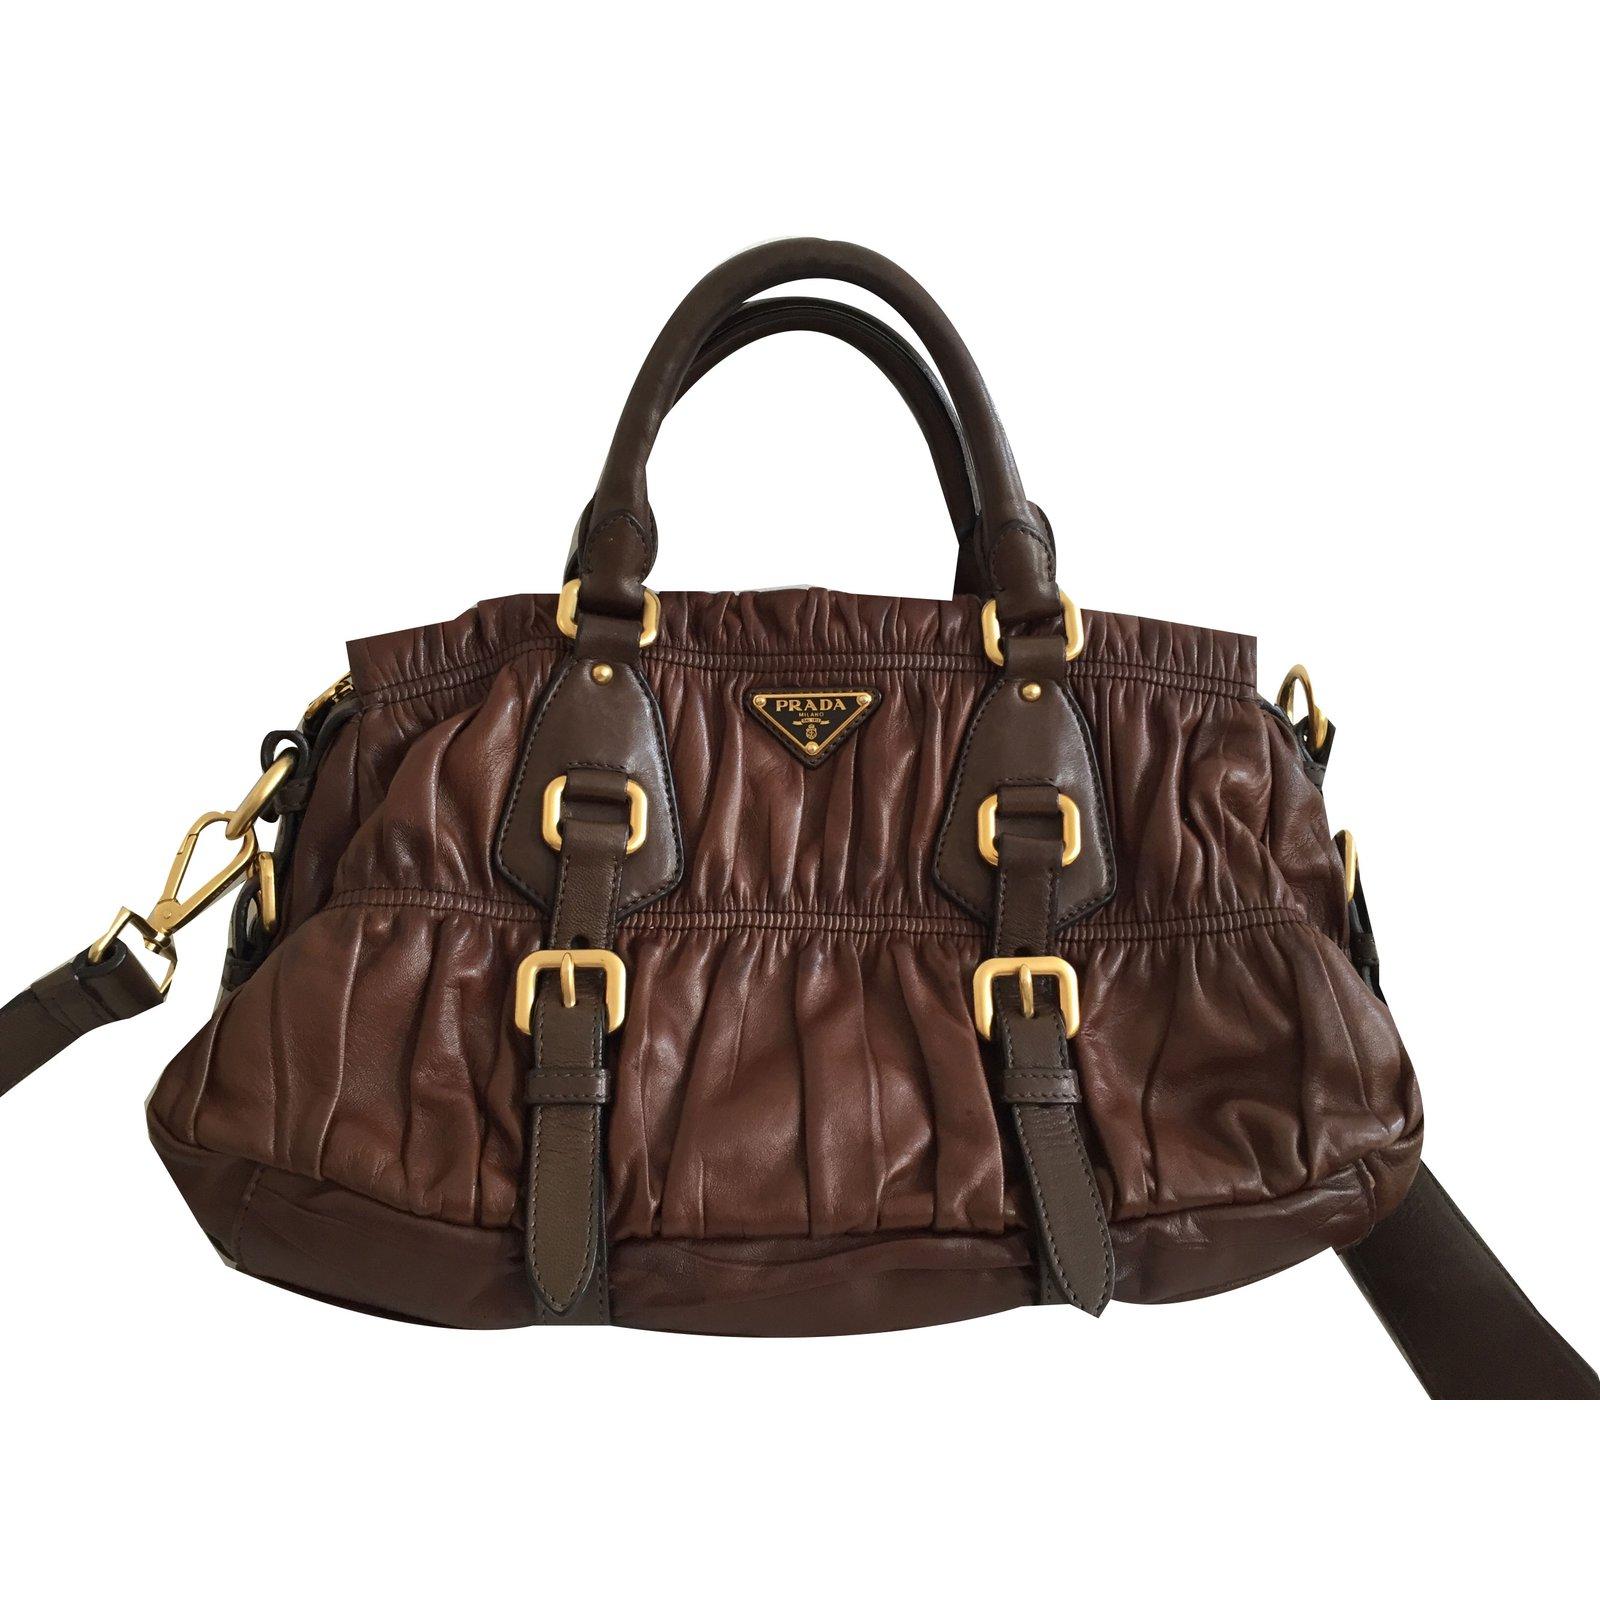 3d86c84093 Prada Nappa gauffre bag brown